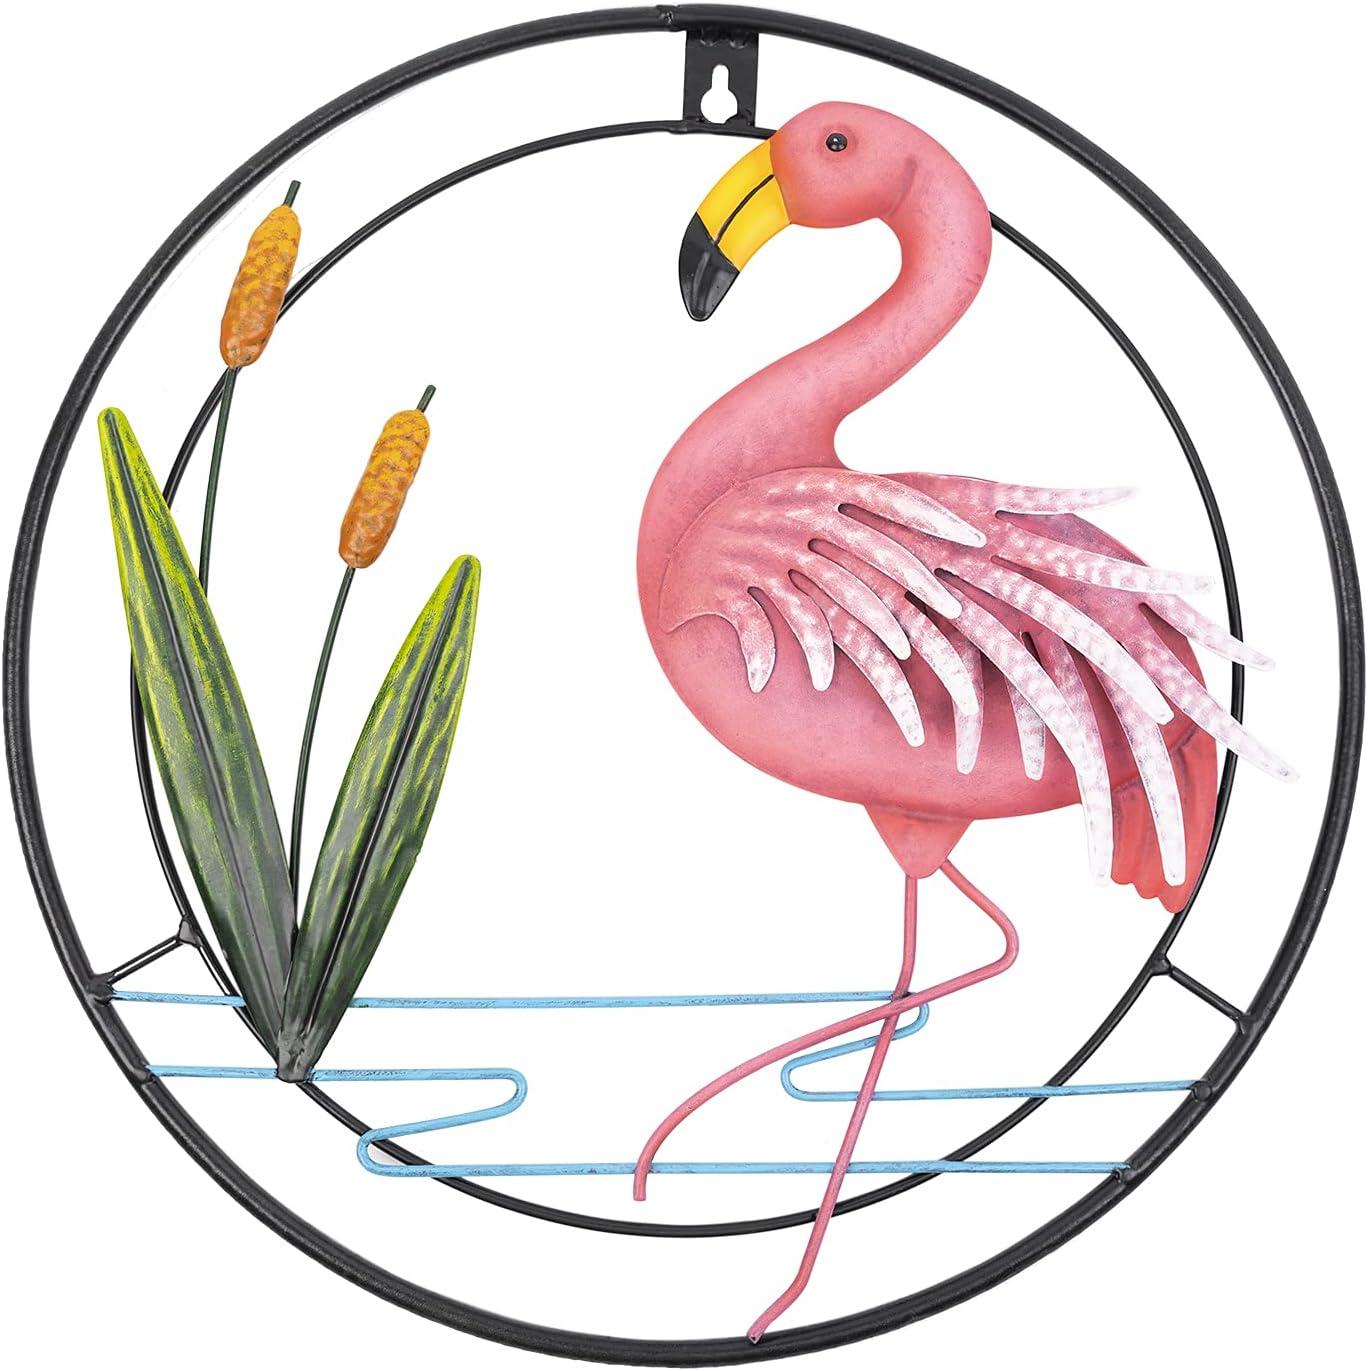 Metal Flamingo Wall Art, Porch Front Door Wall Decor,Room,Outdoor,Club,Bars,Front Door ,Metal Hanging Wall Art Décor